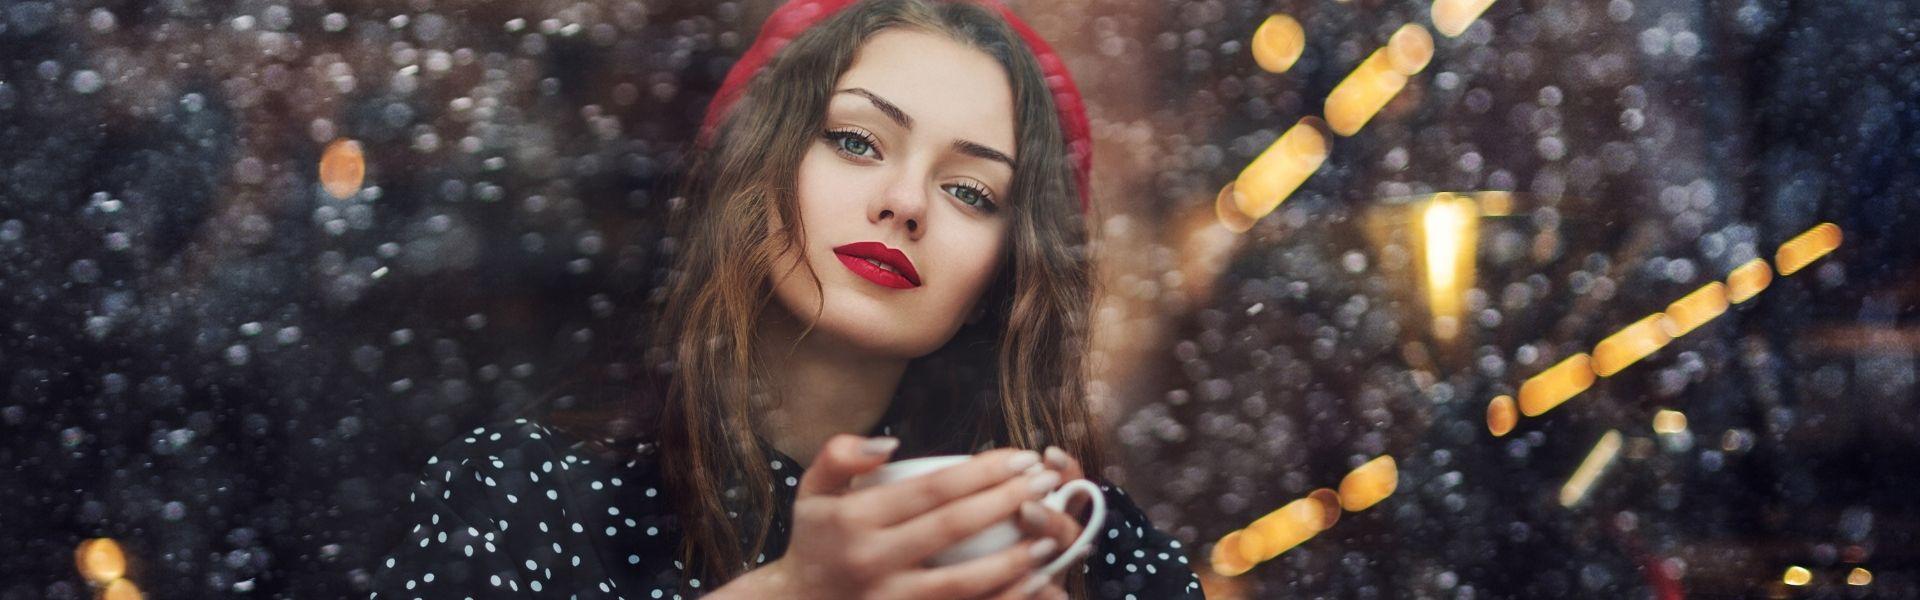 Рождественская Суворовская